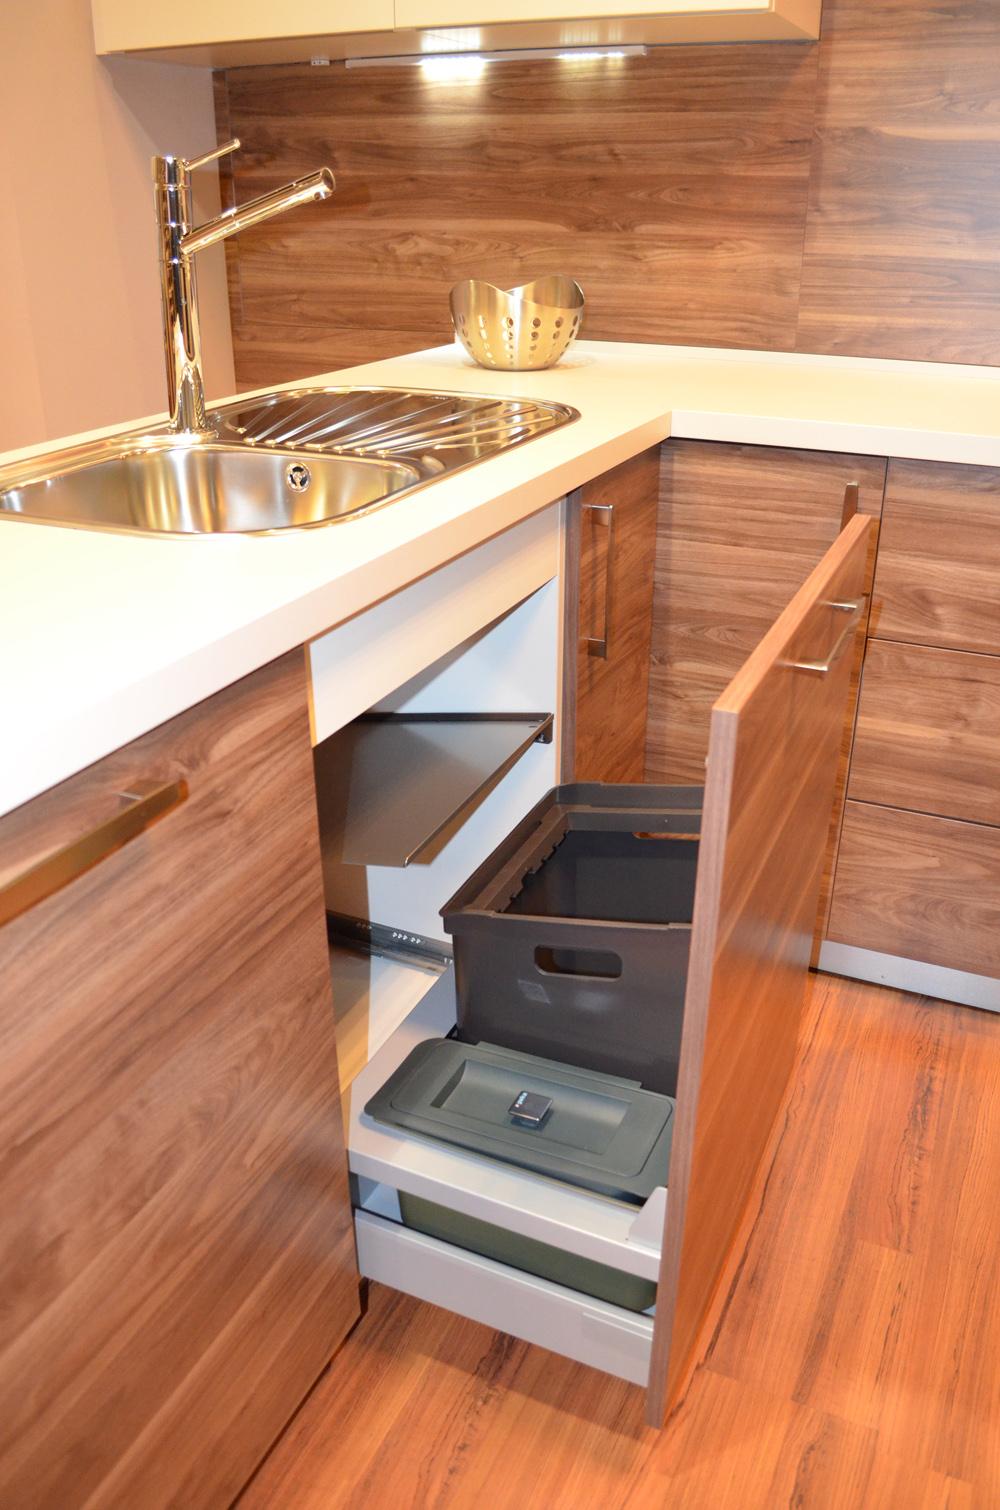 Liquidacion muebles de cocina granada ideas - Muebles de cocina granada ...